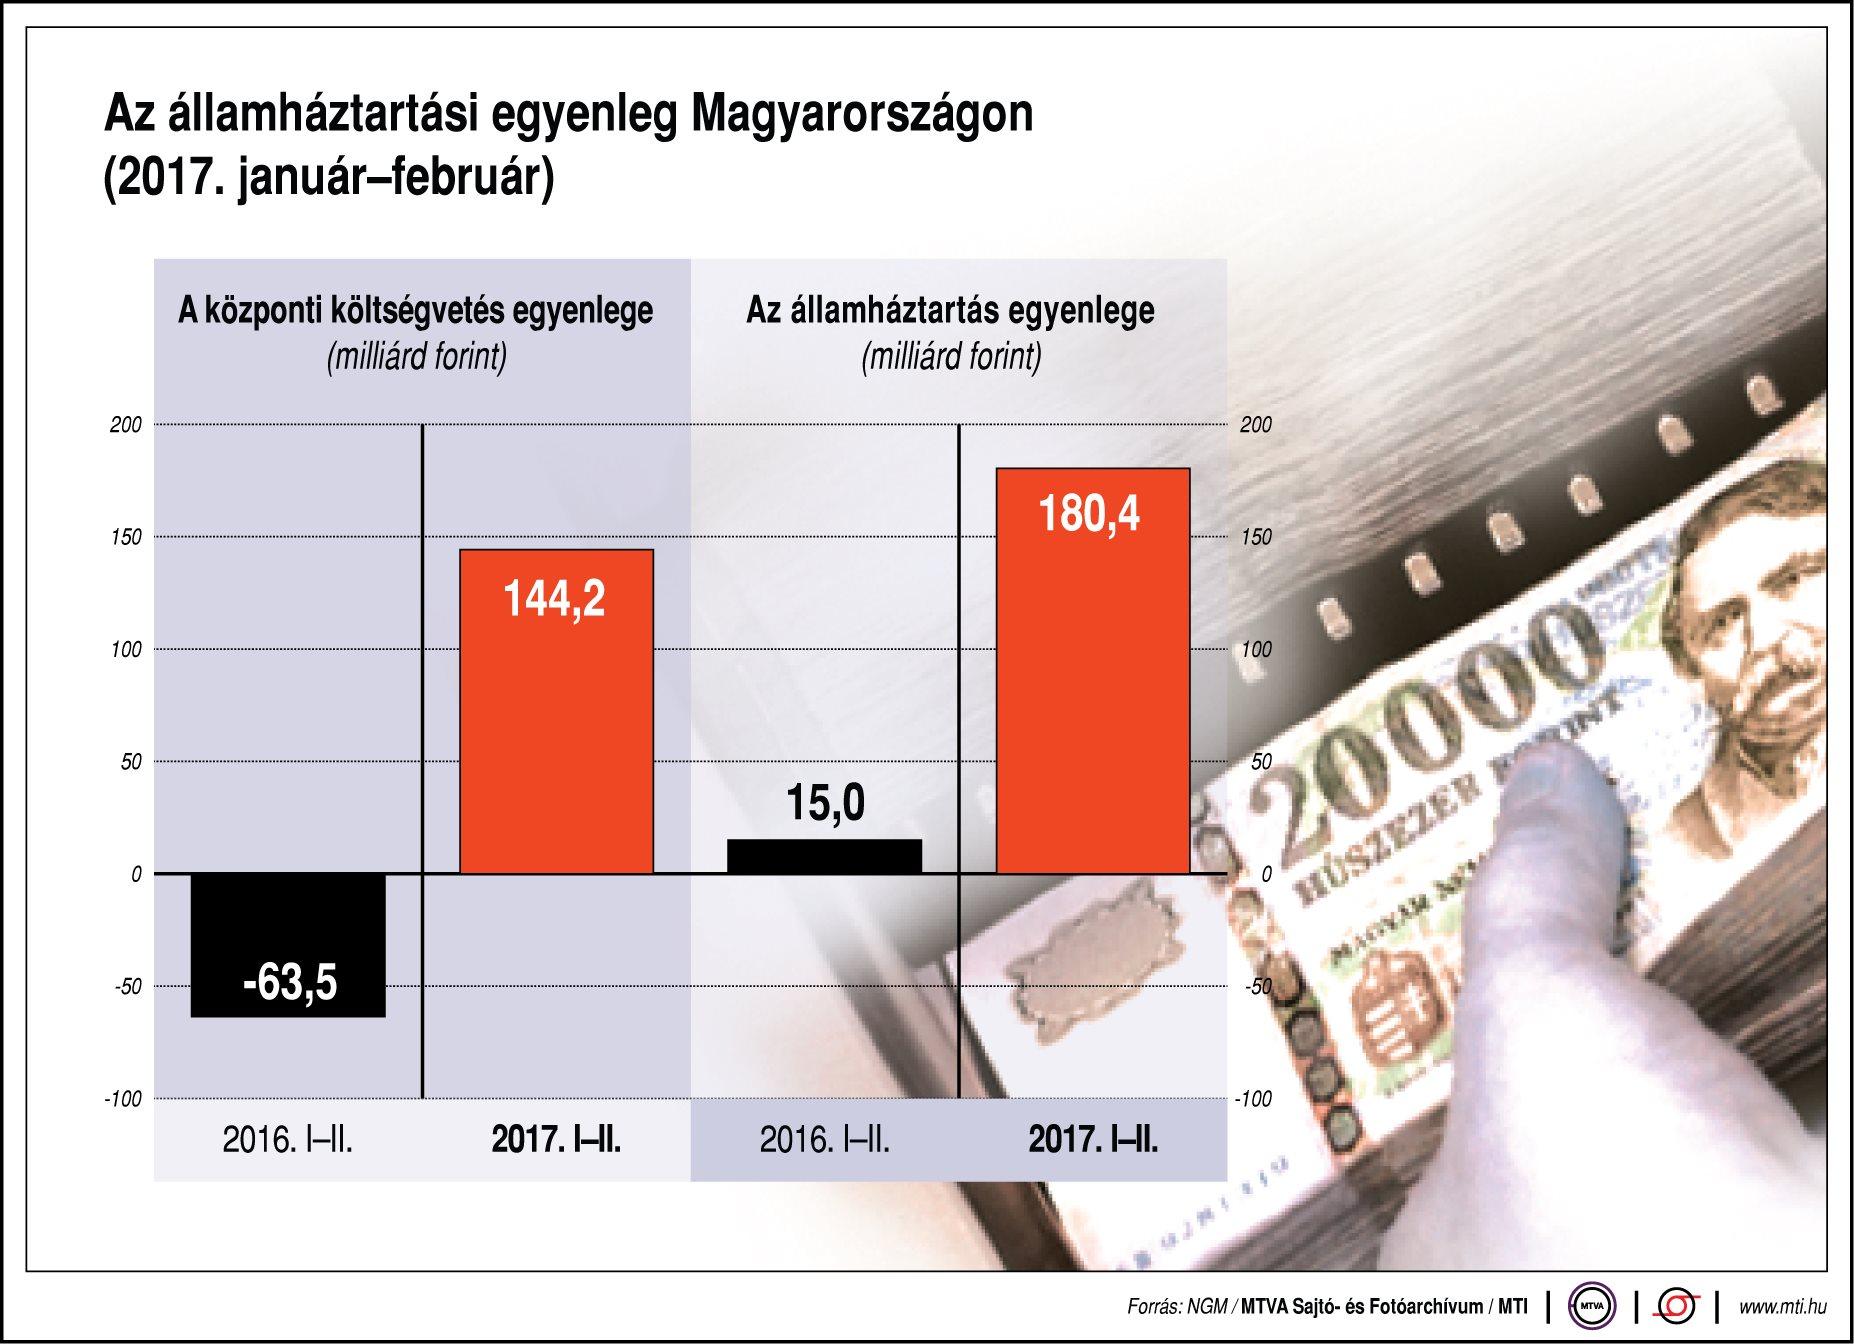 Az államháztartási egyenleg Magyarországon - egy ábrán